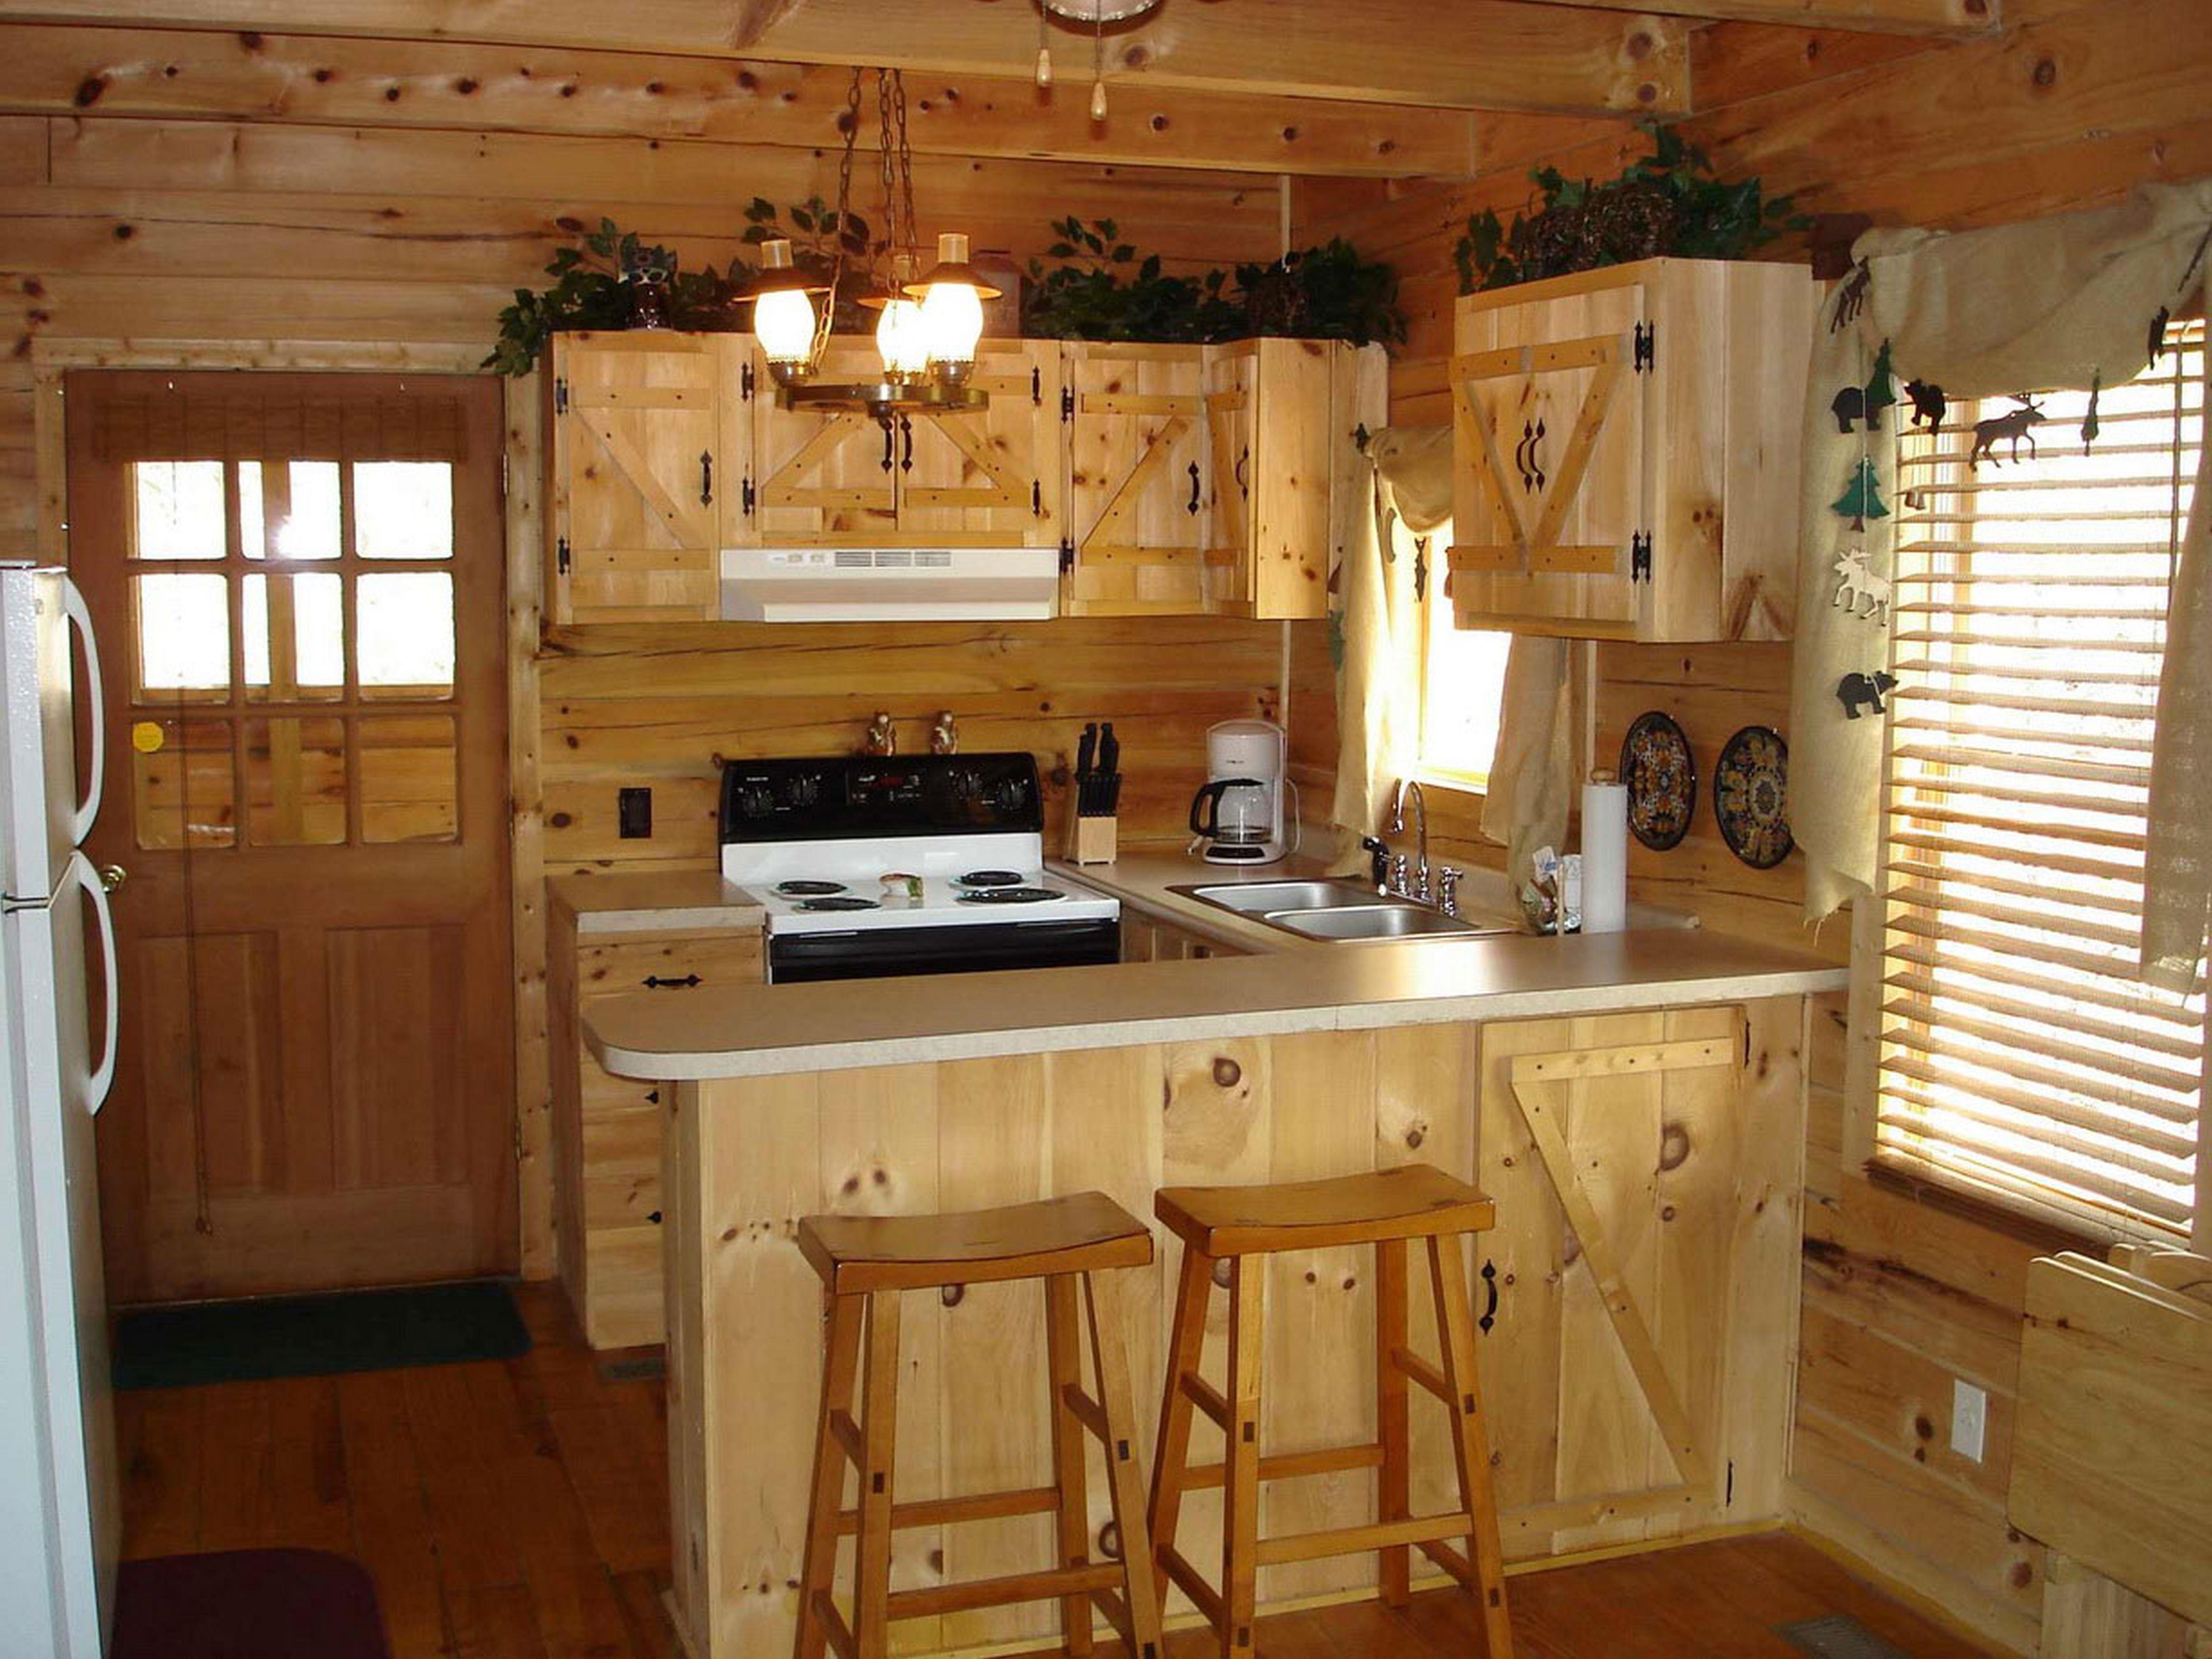 Кухня на даче - дизайн (42 фото видео-инструкция) 71